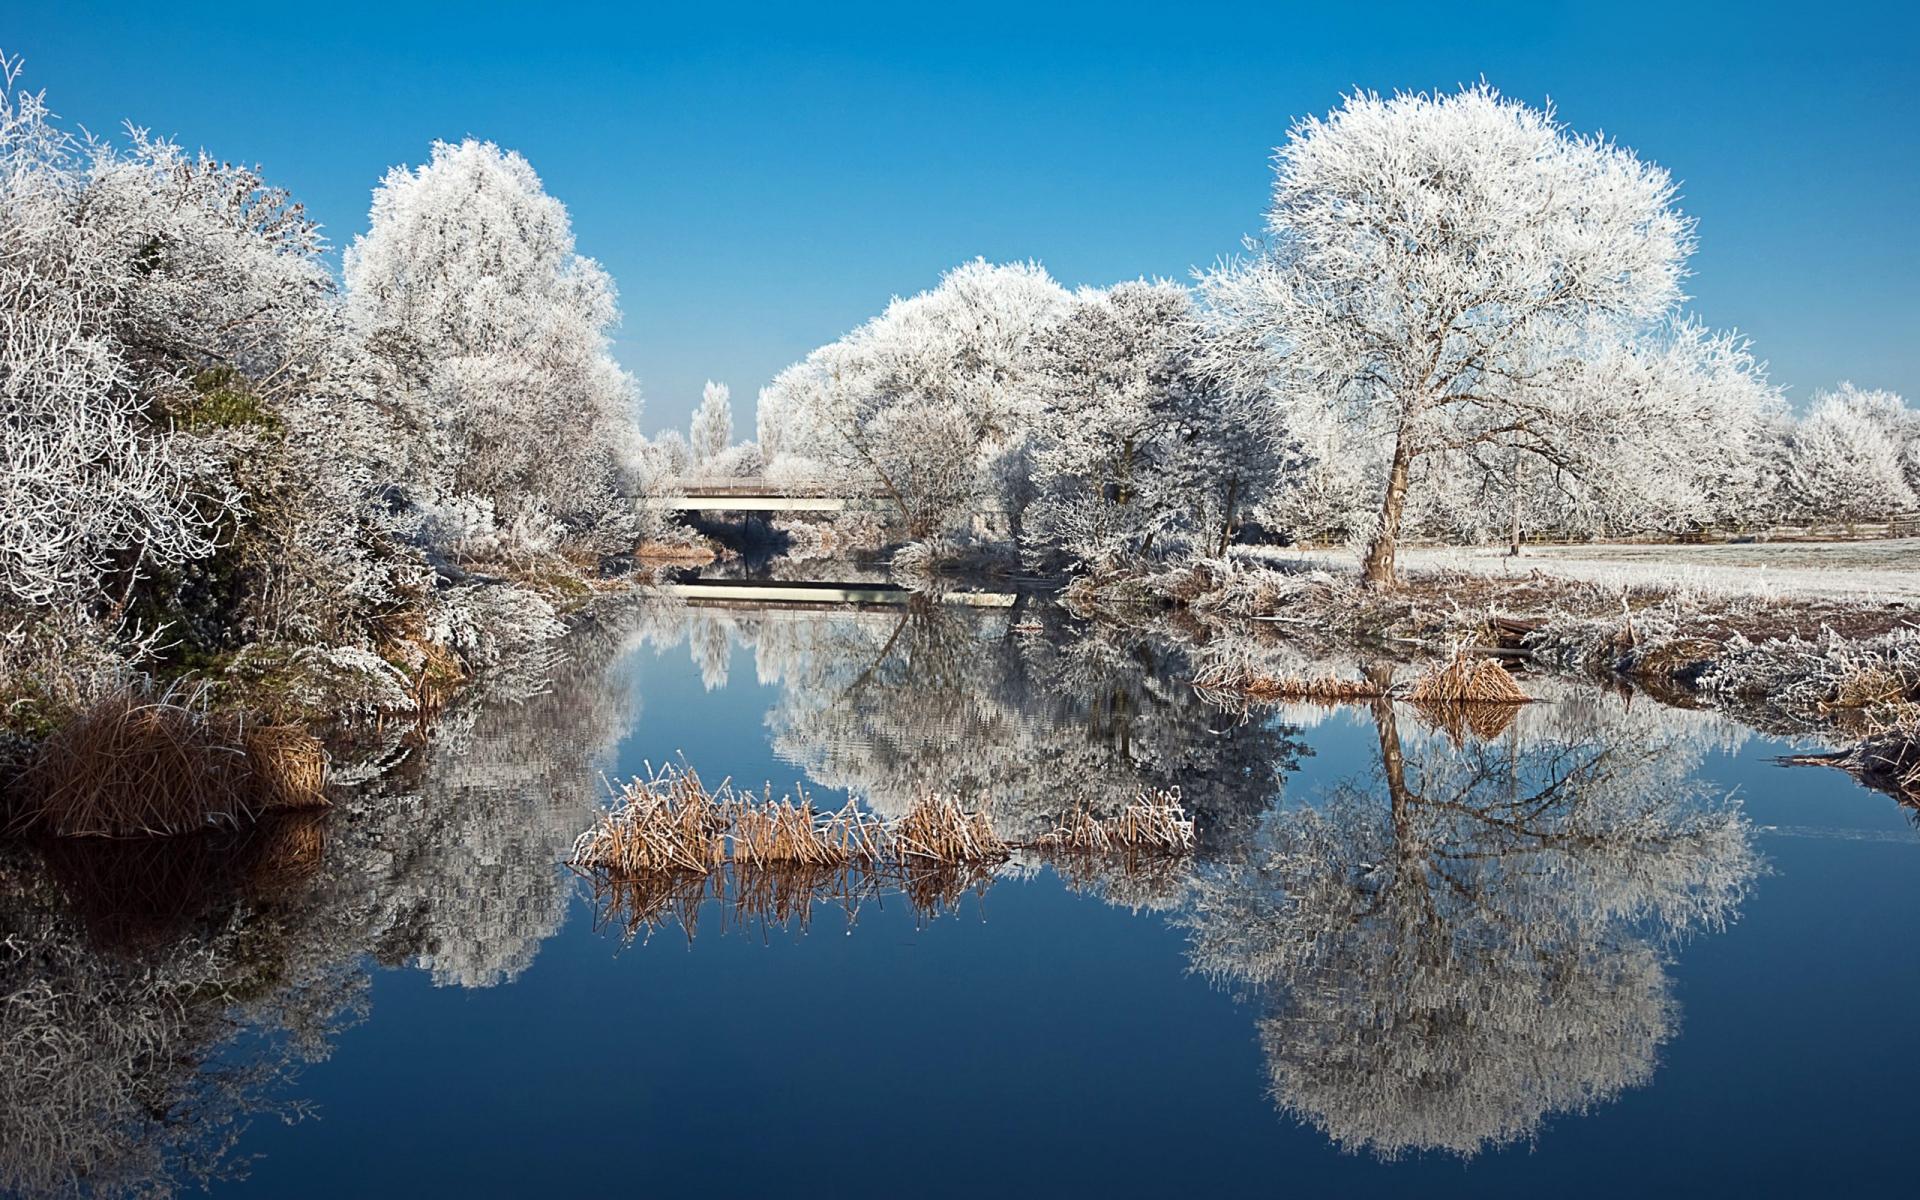 Картинки Мороз, деревья, озеро, отражение фото и обои на рабочий стол